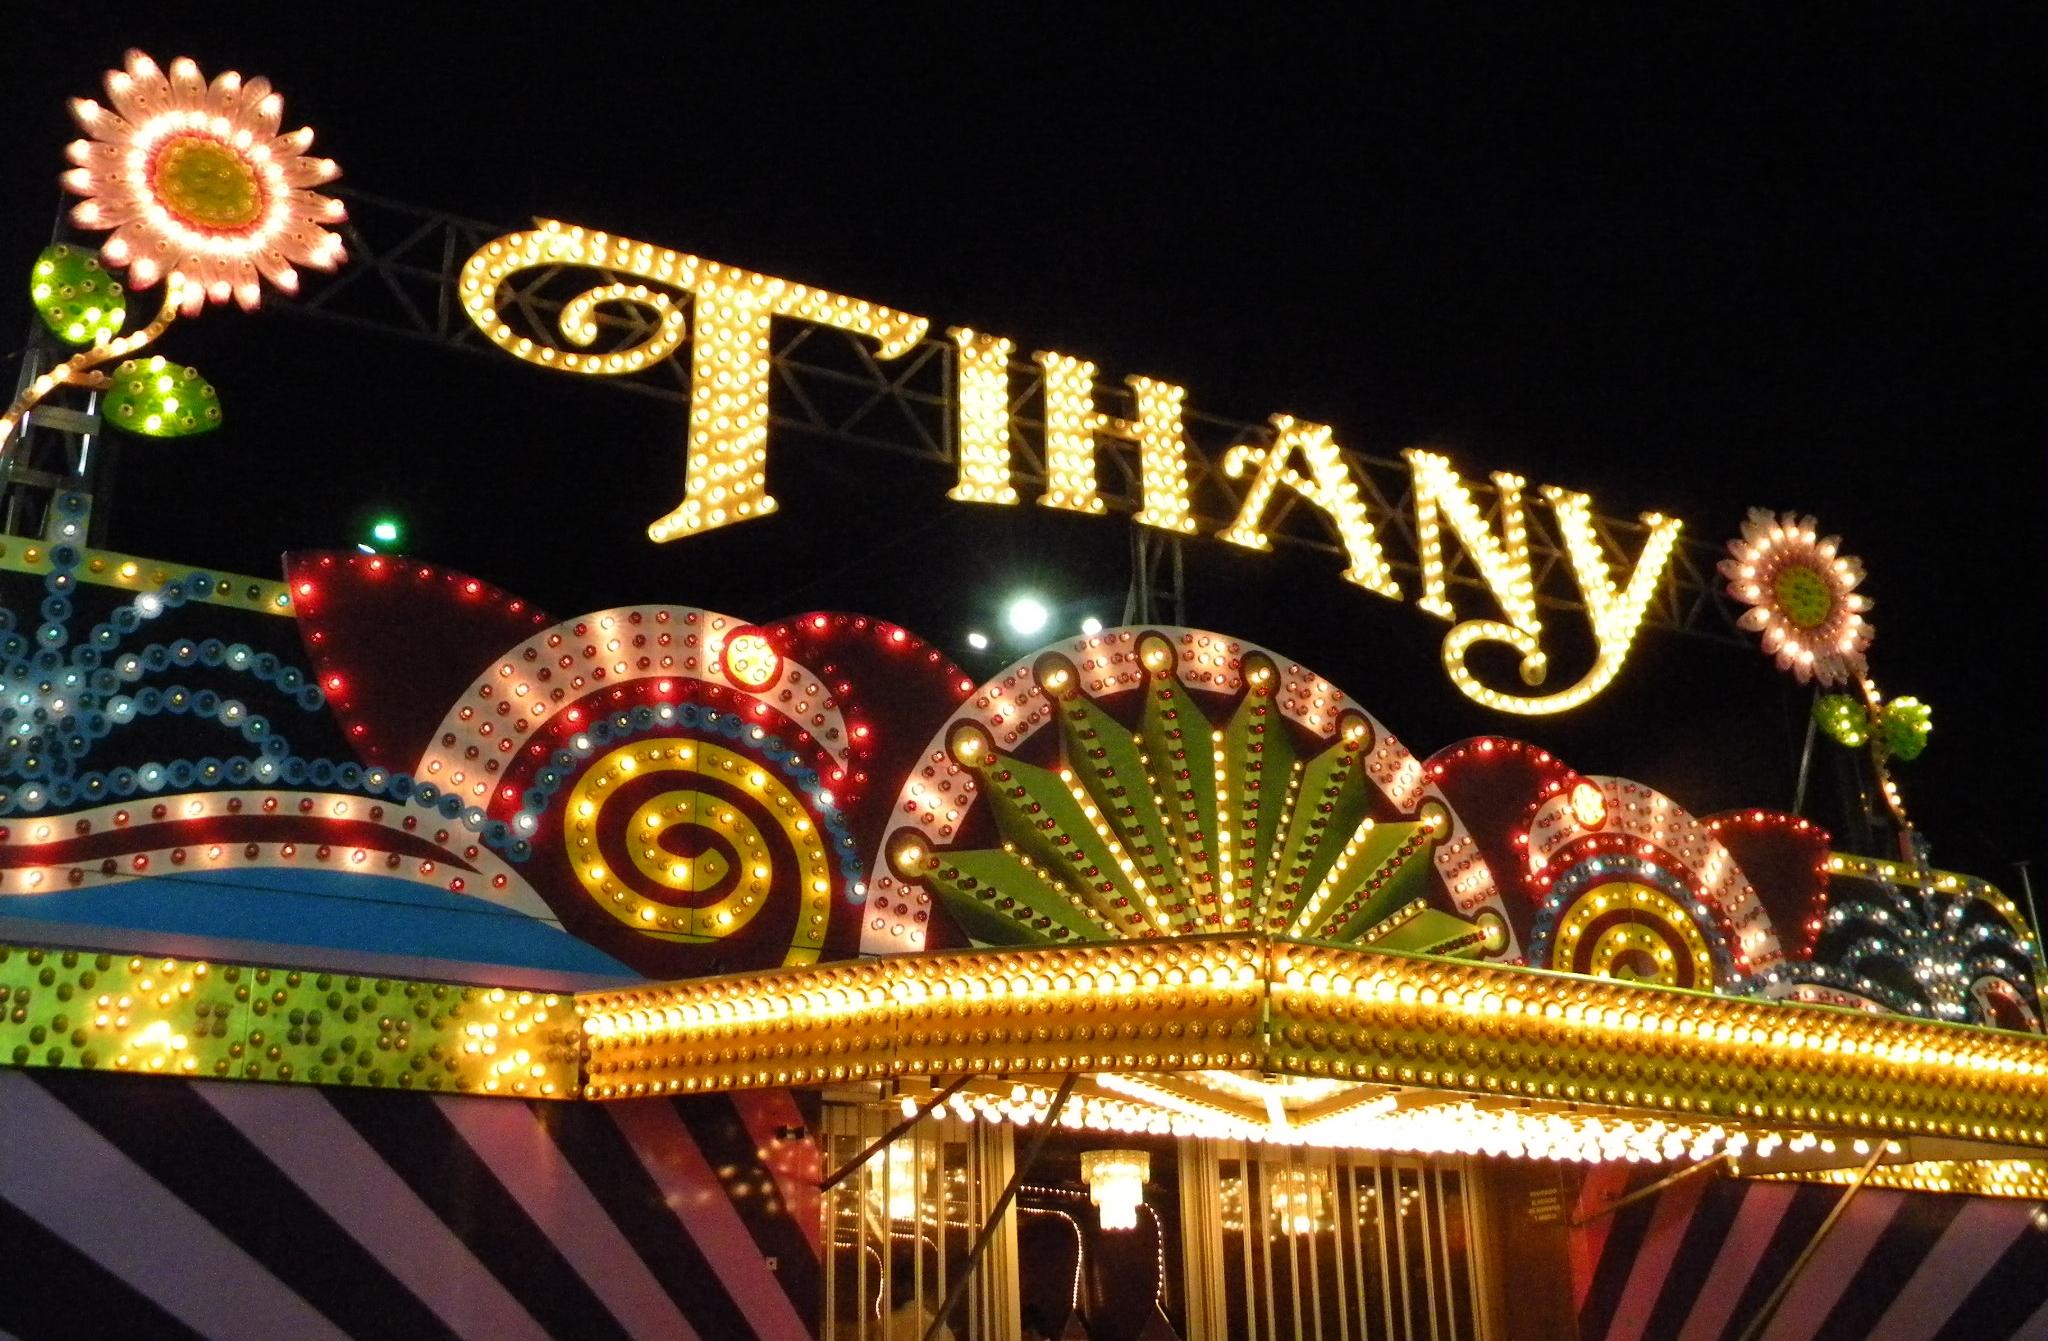 Divulgação: Circo Tihany Spectacular